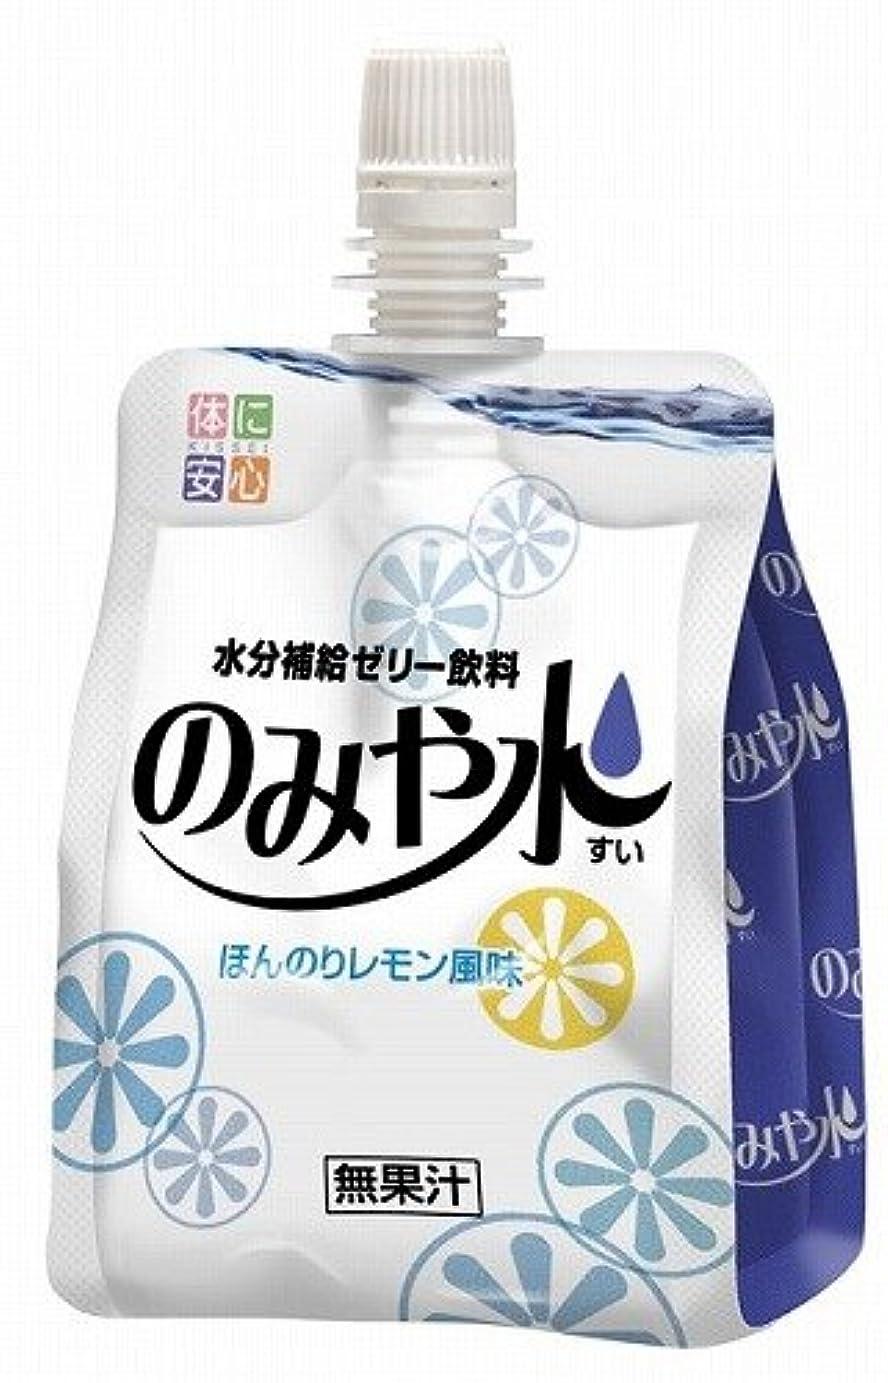 アニメーションレーニン主義メロン【キッセイ】 のみや水 ほんのりレモン風味 150g